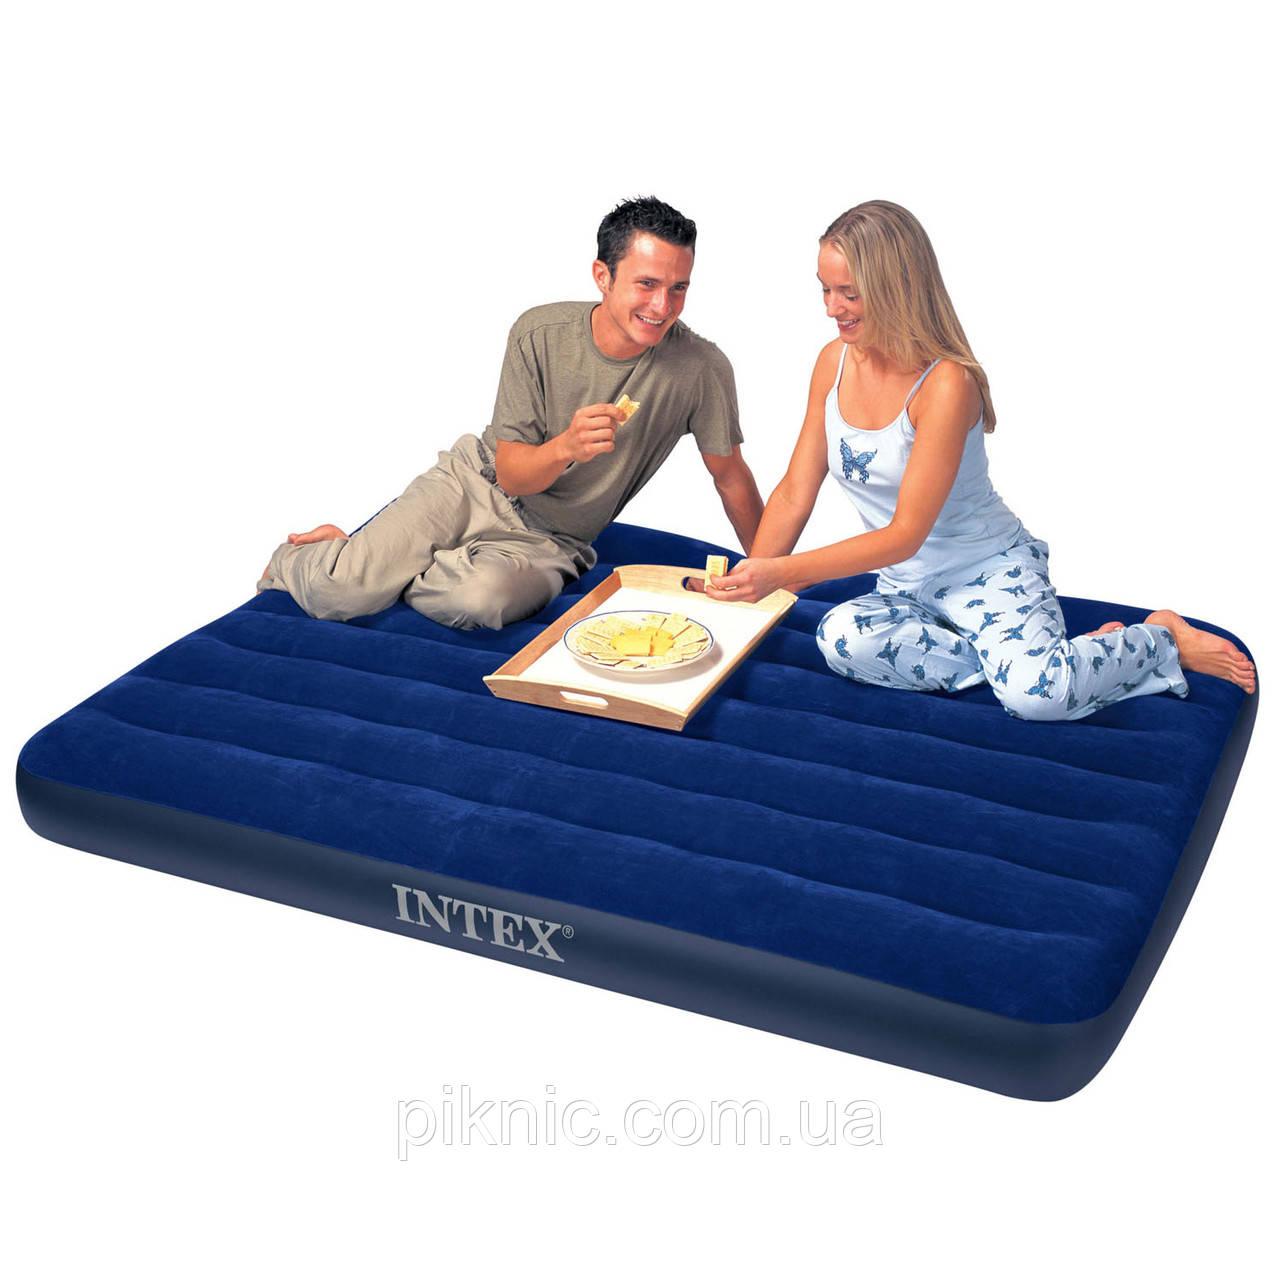 Двуспальный надувной матрас Intex велюр 68759 152*203*22 см. Цвет синий